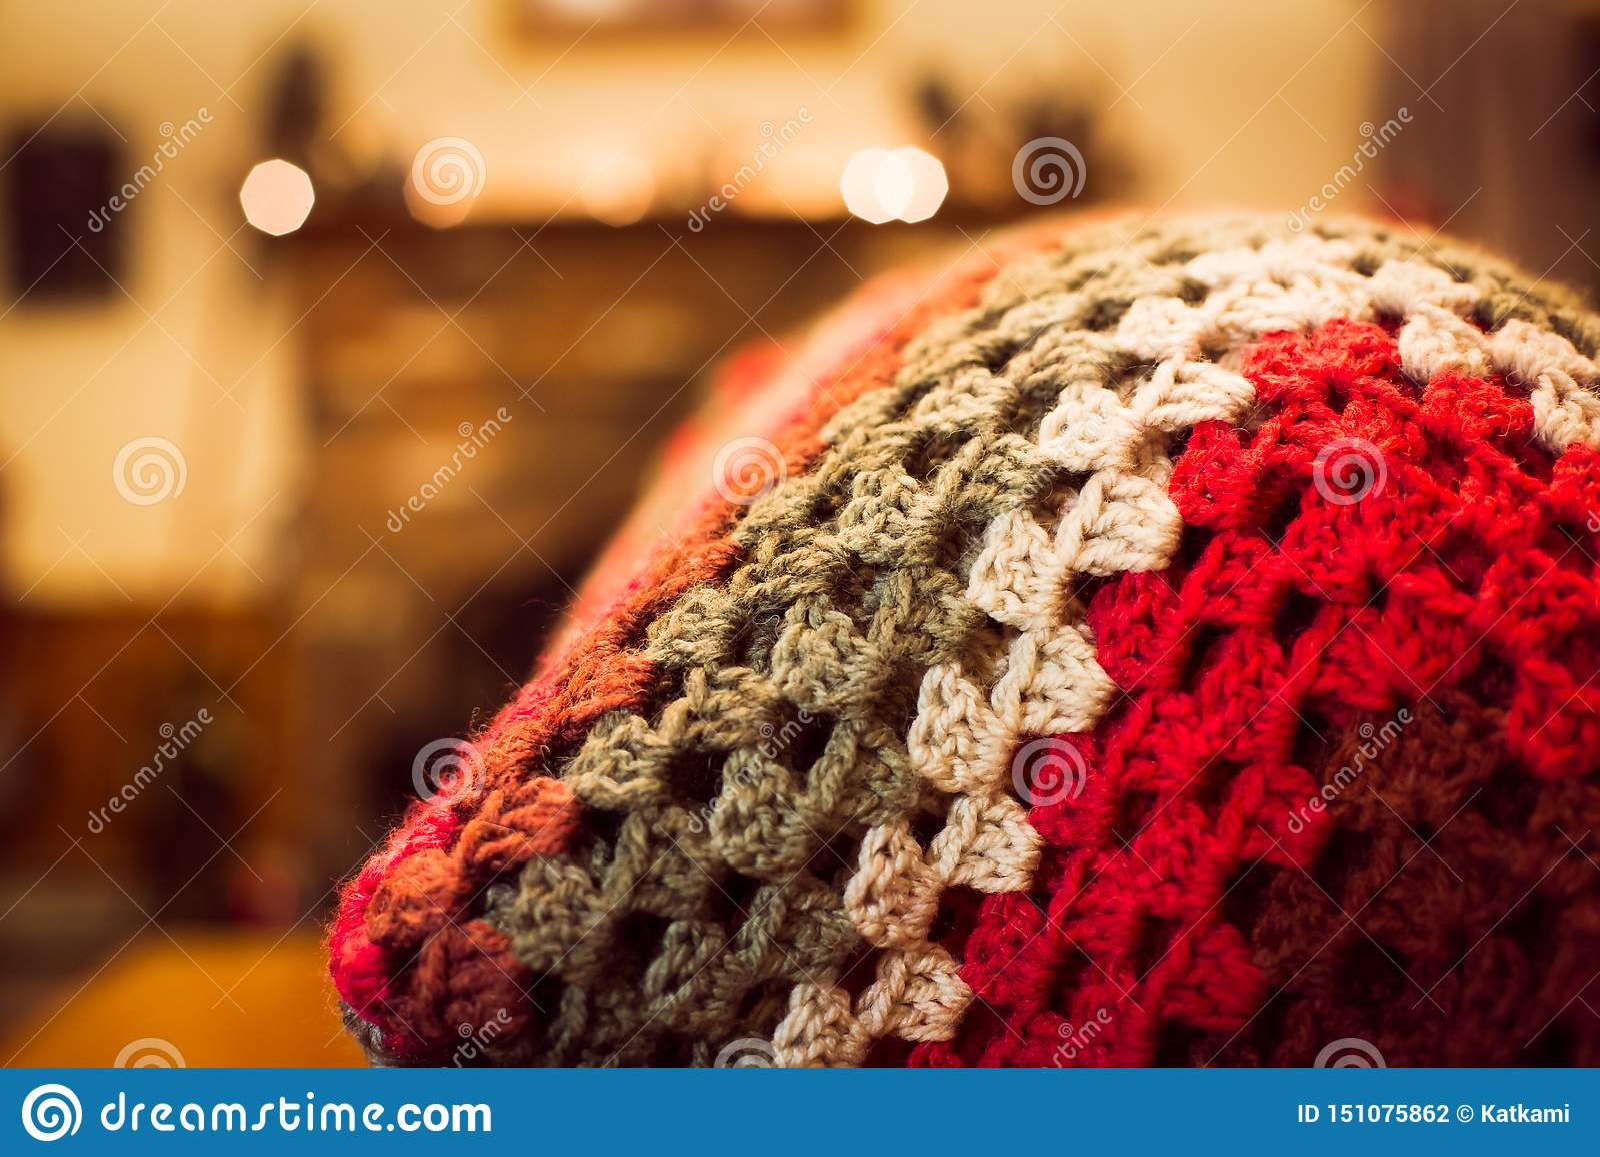 红色被定调子的钩针编织毯子在一个沙发背面在家庭娱乐室